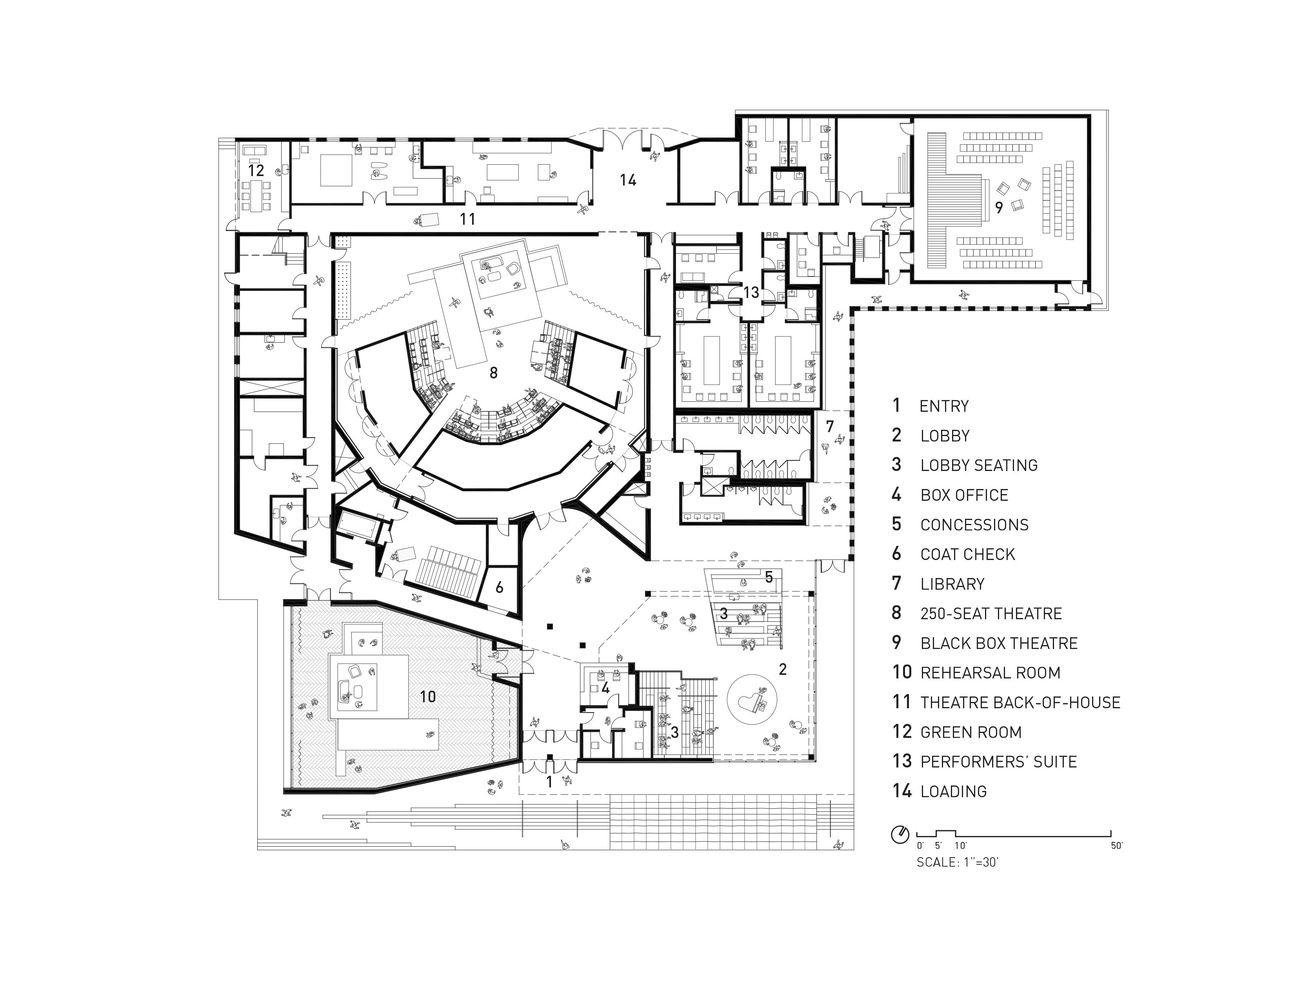 San Francisco Recording Studio Wiring | Wiring Diagram Database on